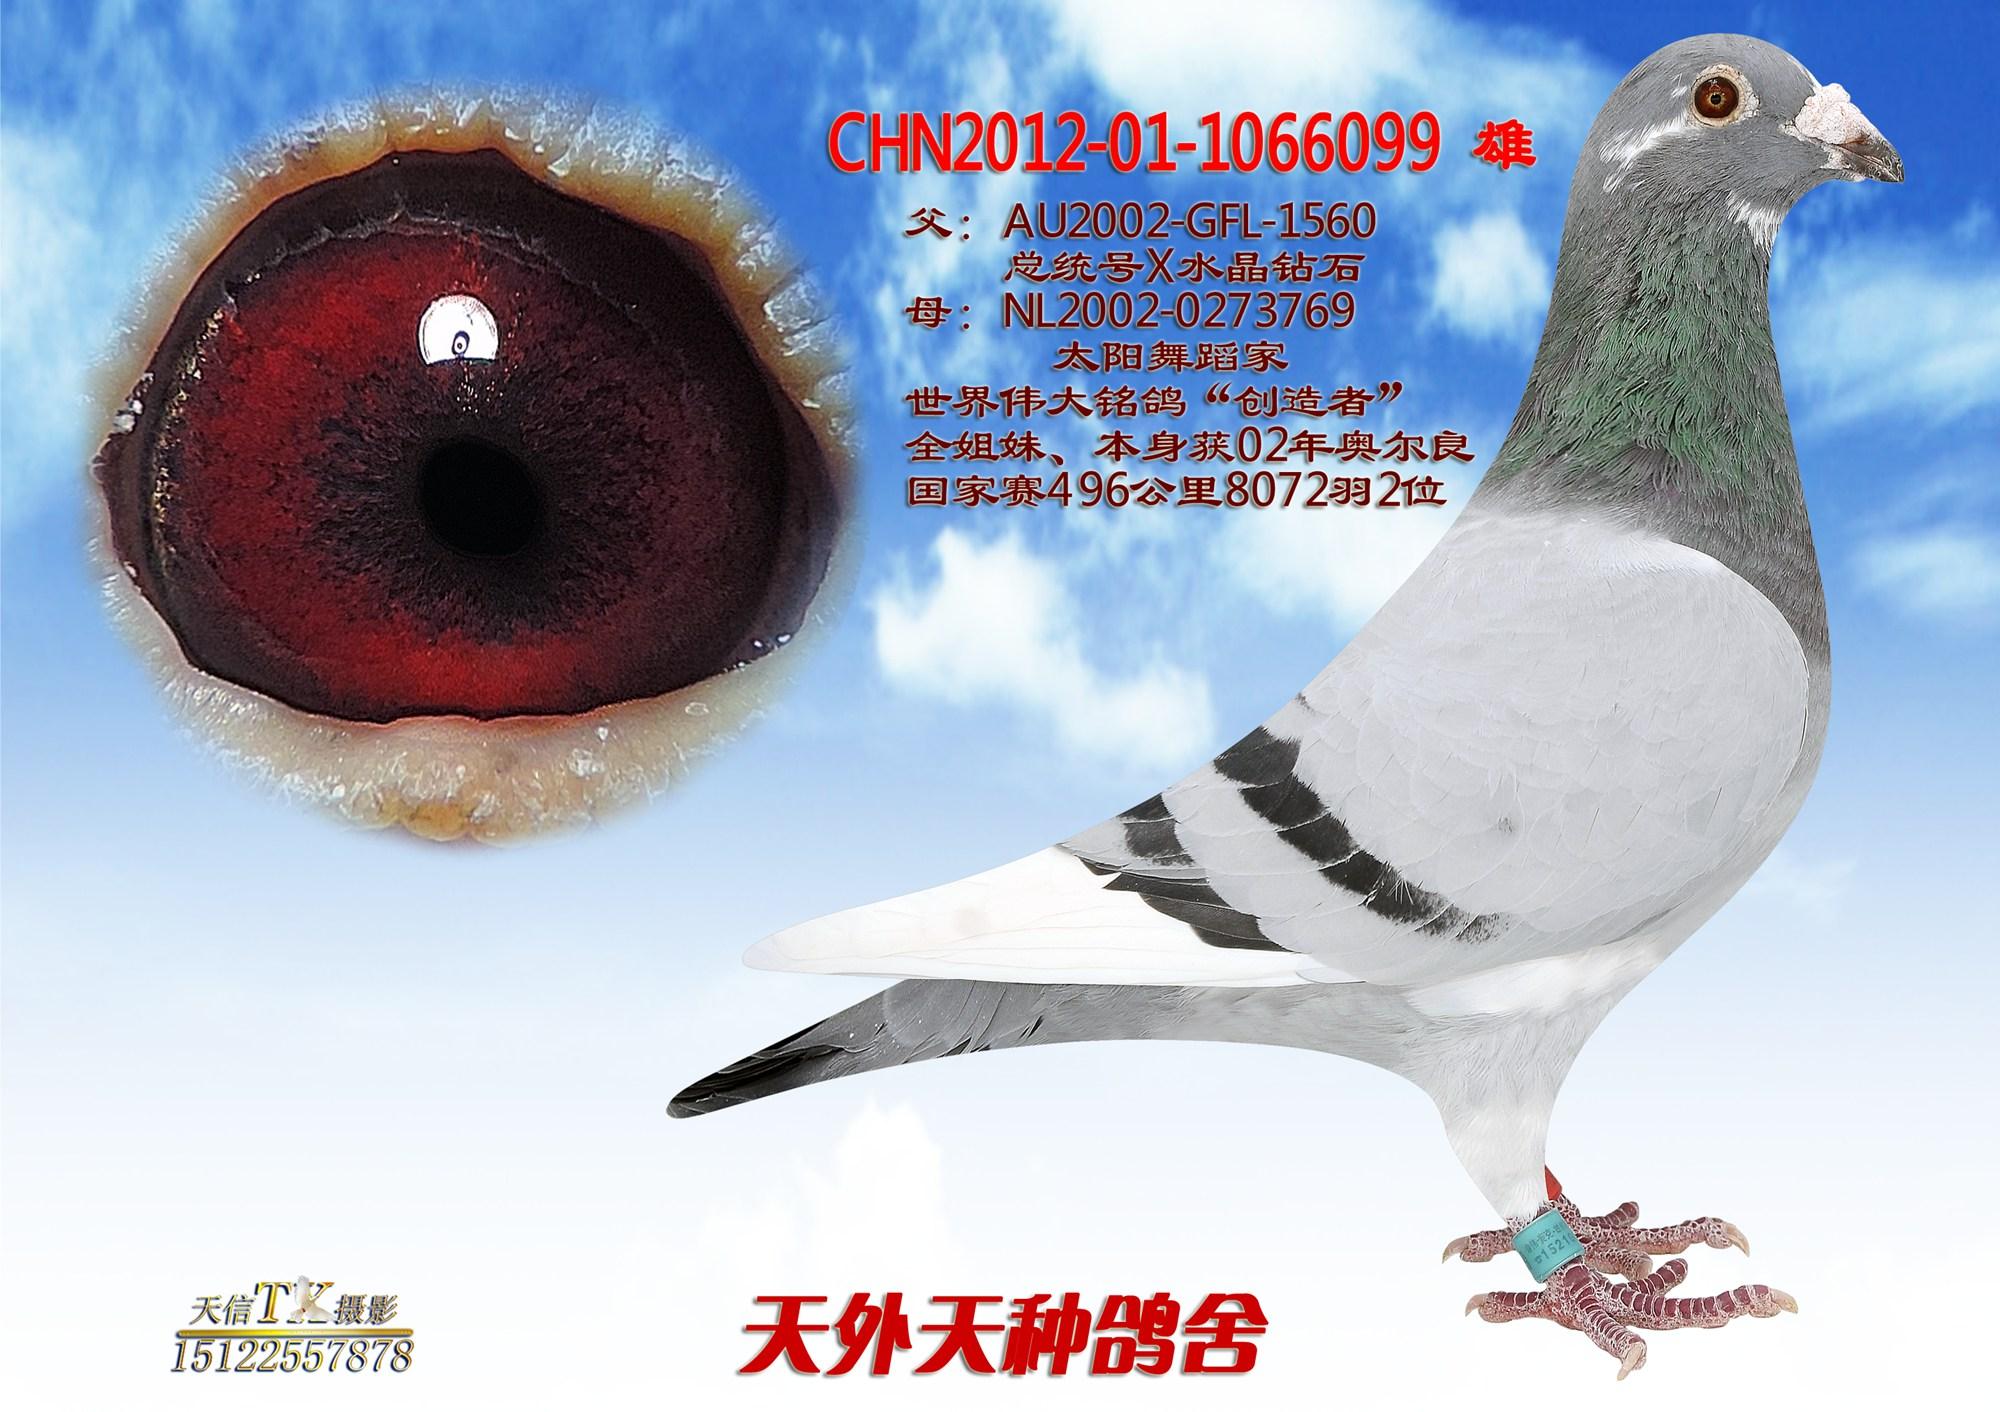 鸟类鸽小学动物图示鸟青蛙2000_1412教学教材解剖鸽子的中国科学家图片